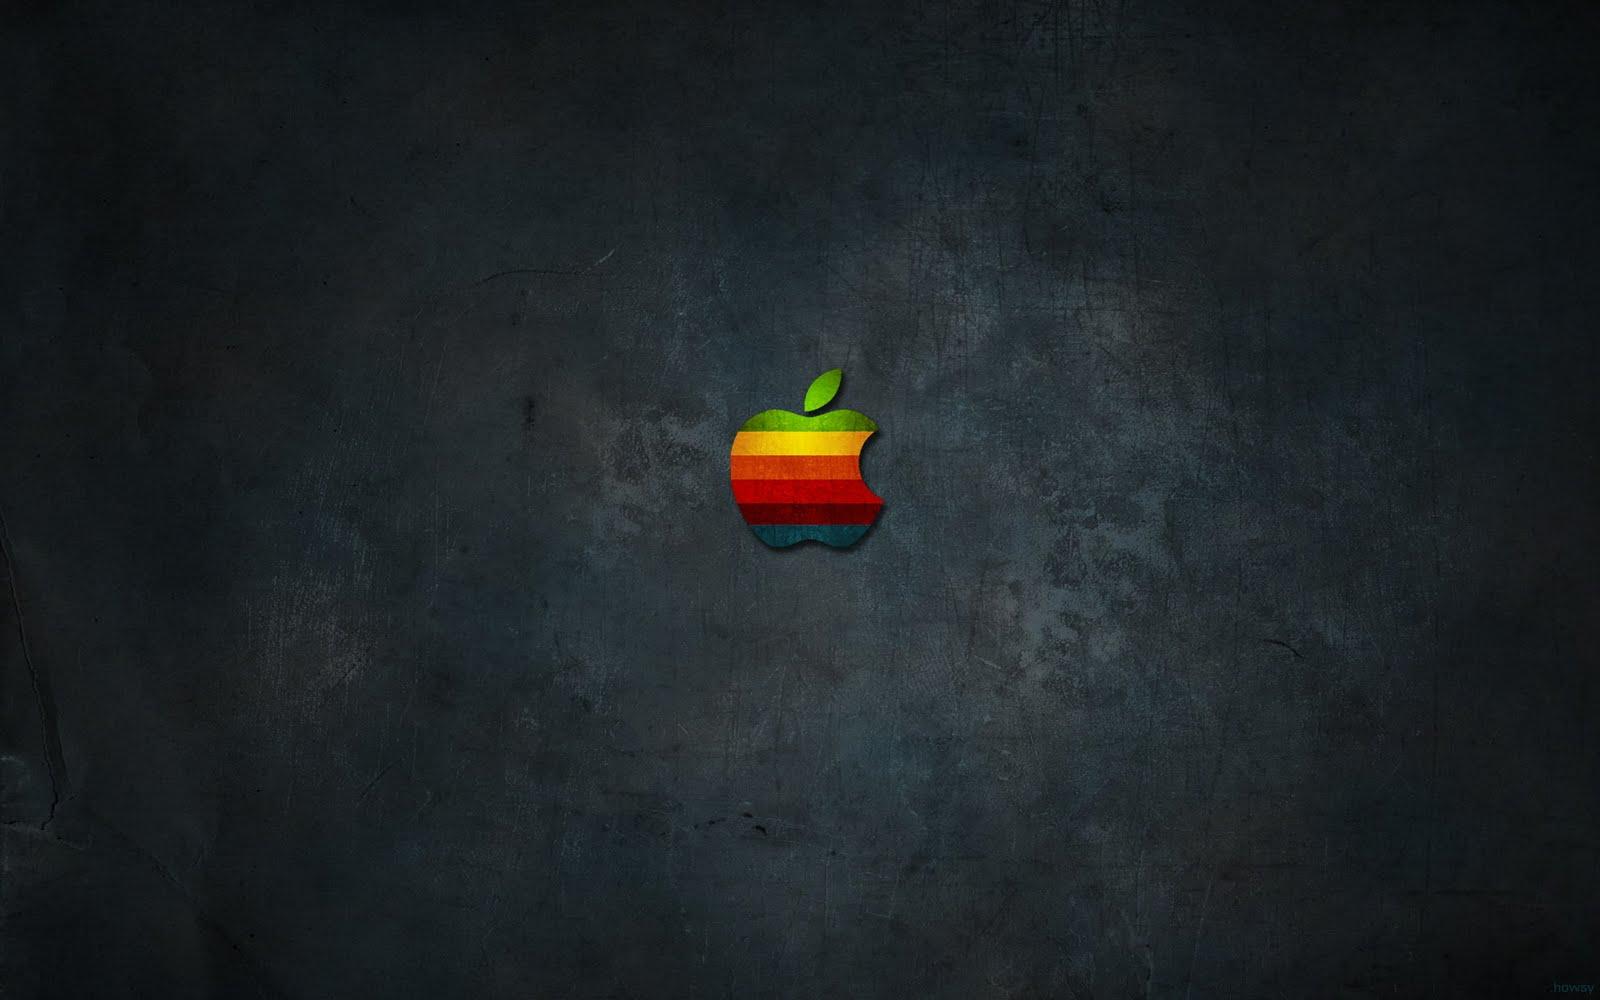 http://2.bp.blogspot.com/_mC1TEdZ4gks/TLhd1TYm4UI/AAAAAAAAOI8/S_cfrn3D4lU/s1600/Apple%2BMac%2B-%2B07%2B-%2Bwww.Wallpapersshare.Blogspot.com.jpg